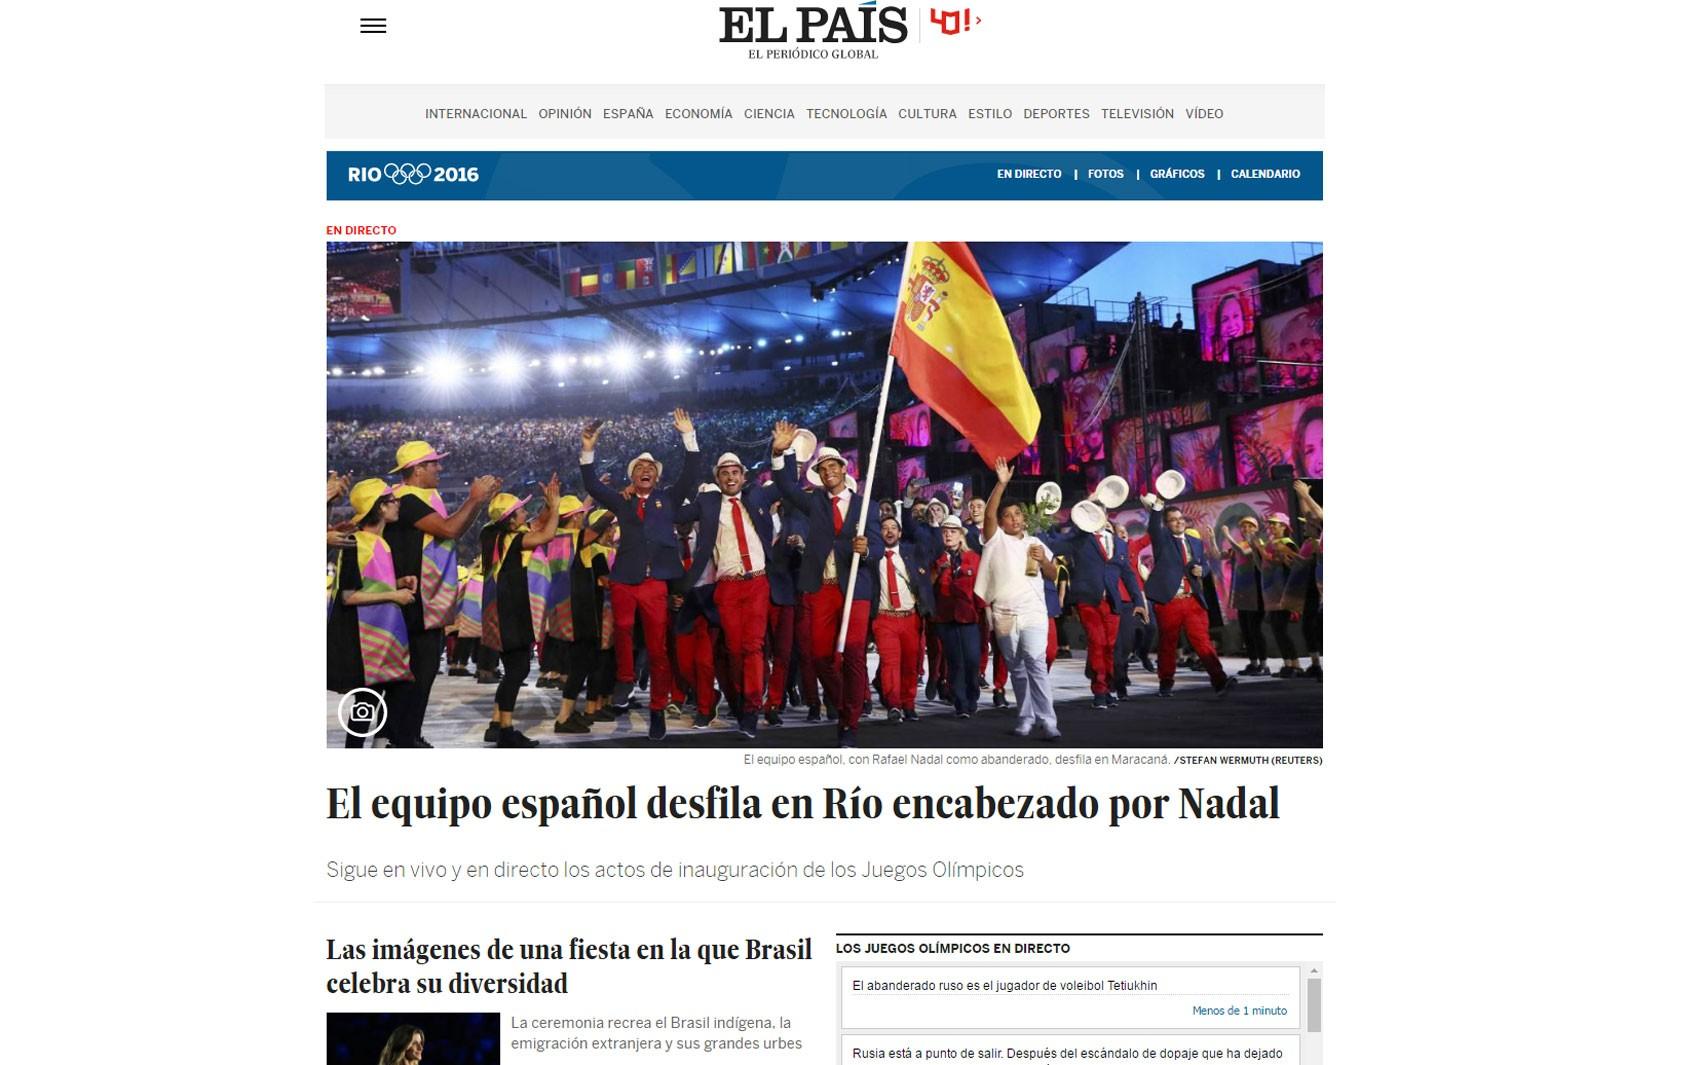 O 'El País' destacou a presença da delegação espanhola na cerimônia de abertura da Olimpíada do Rio